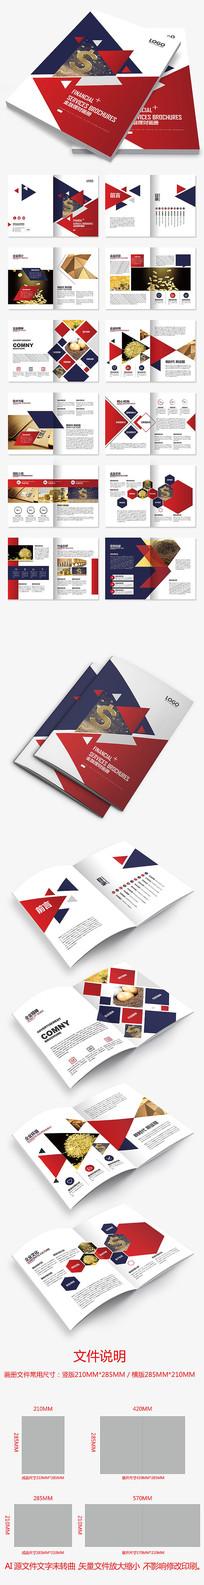 红色金融理财银行保险贷款企业画册设计